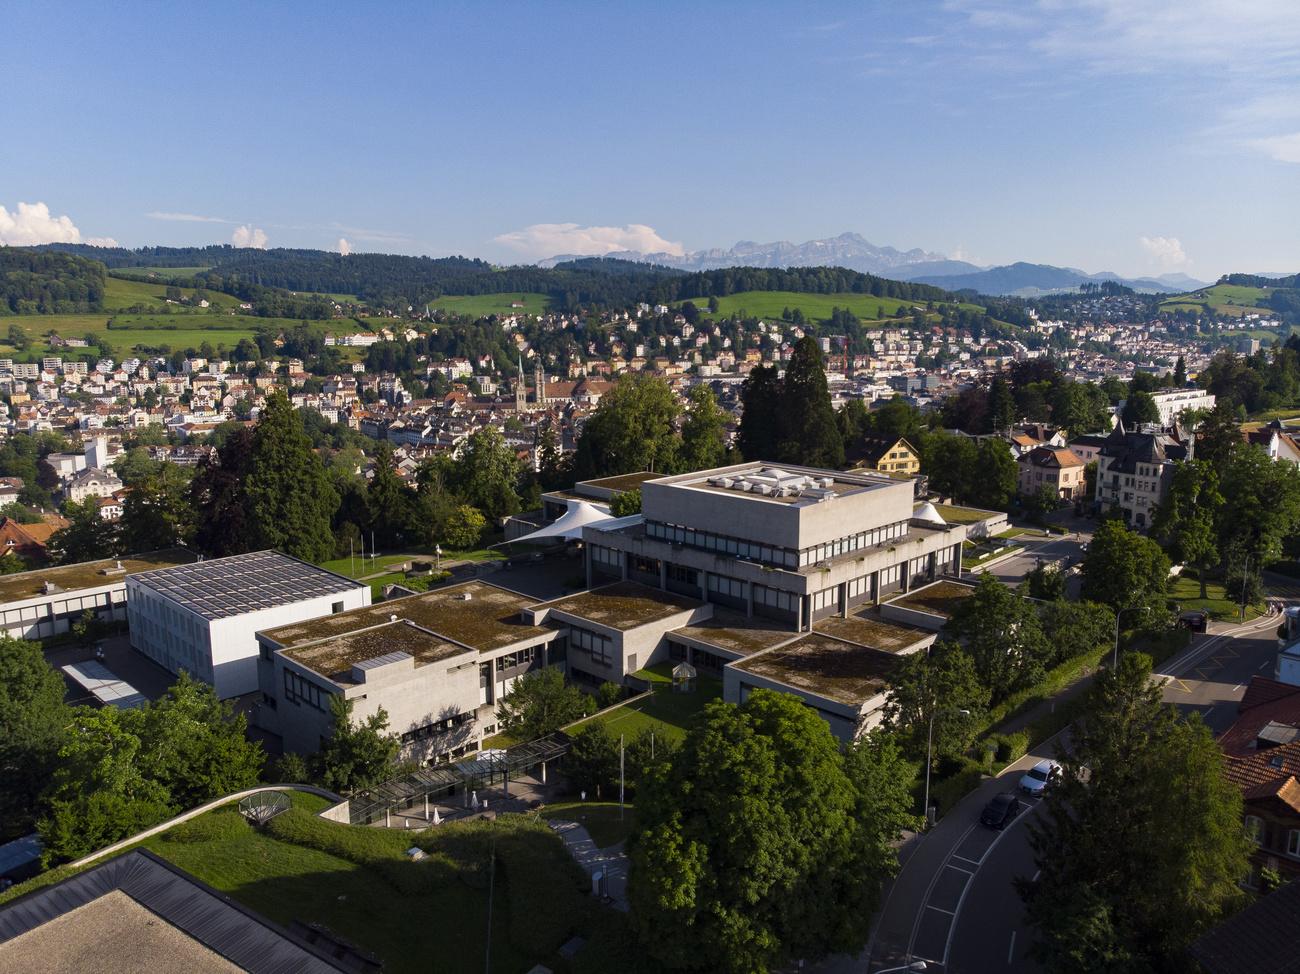 Campus der Uni St. Gallen von oben aufgenommen mit St. Gallen, Wiesen und Bergen im Hintergrund.